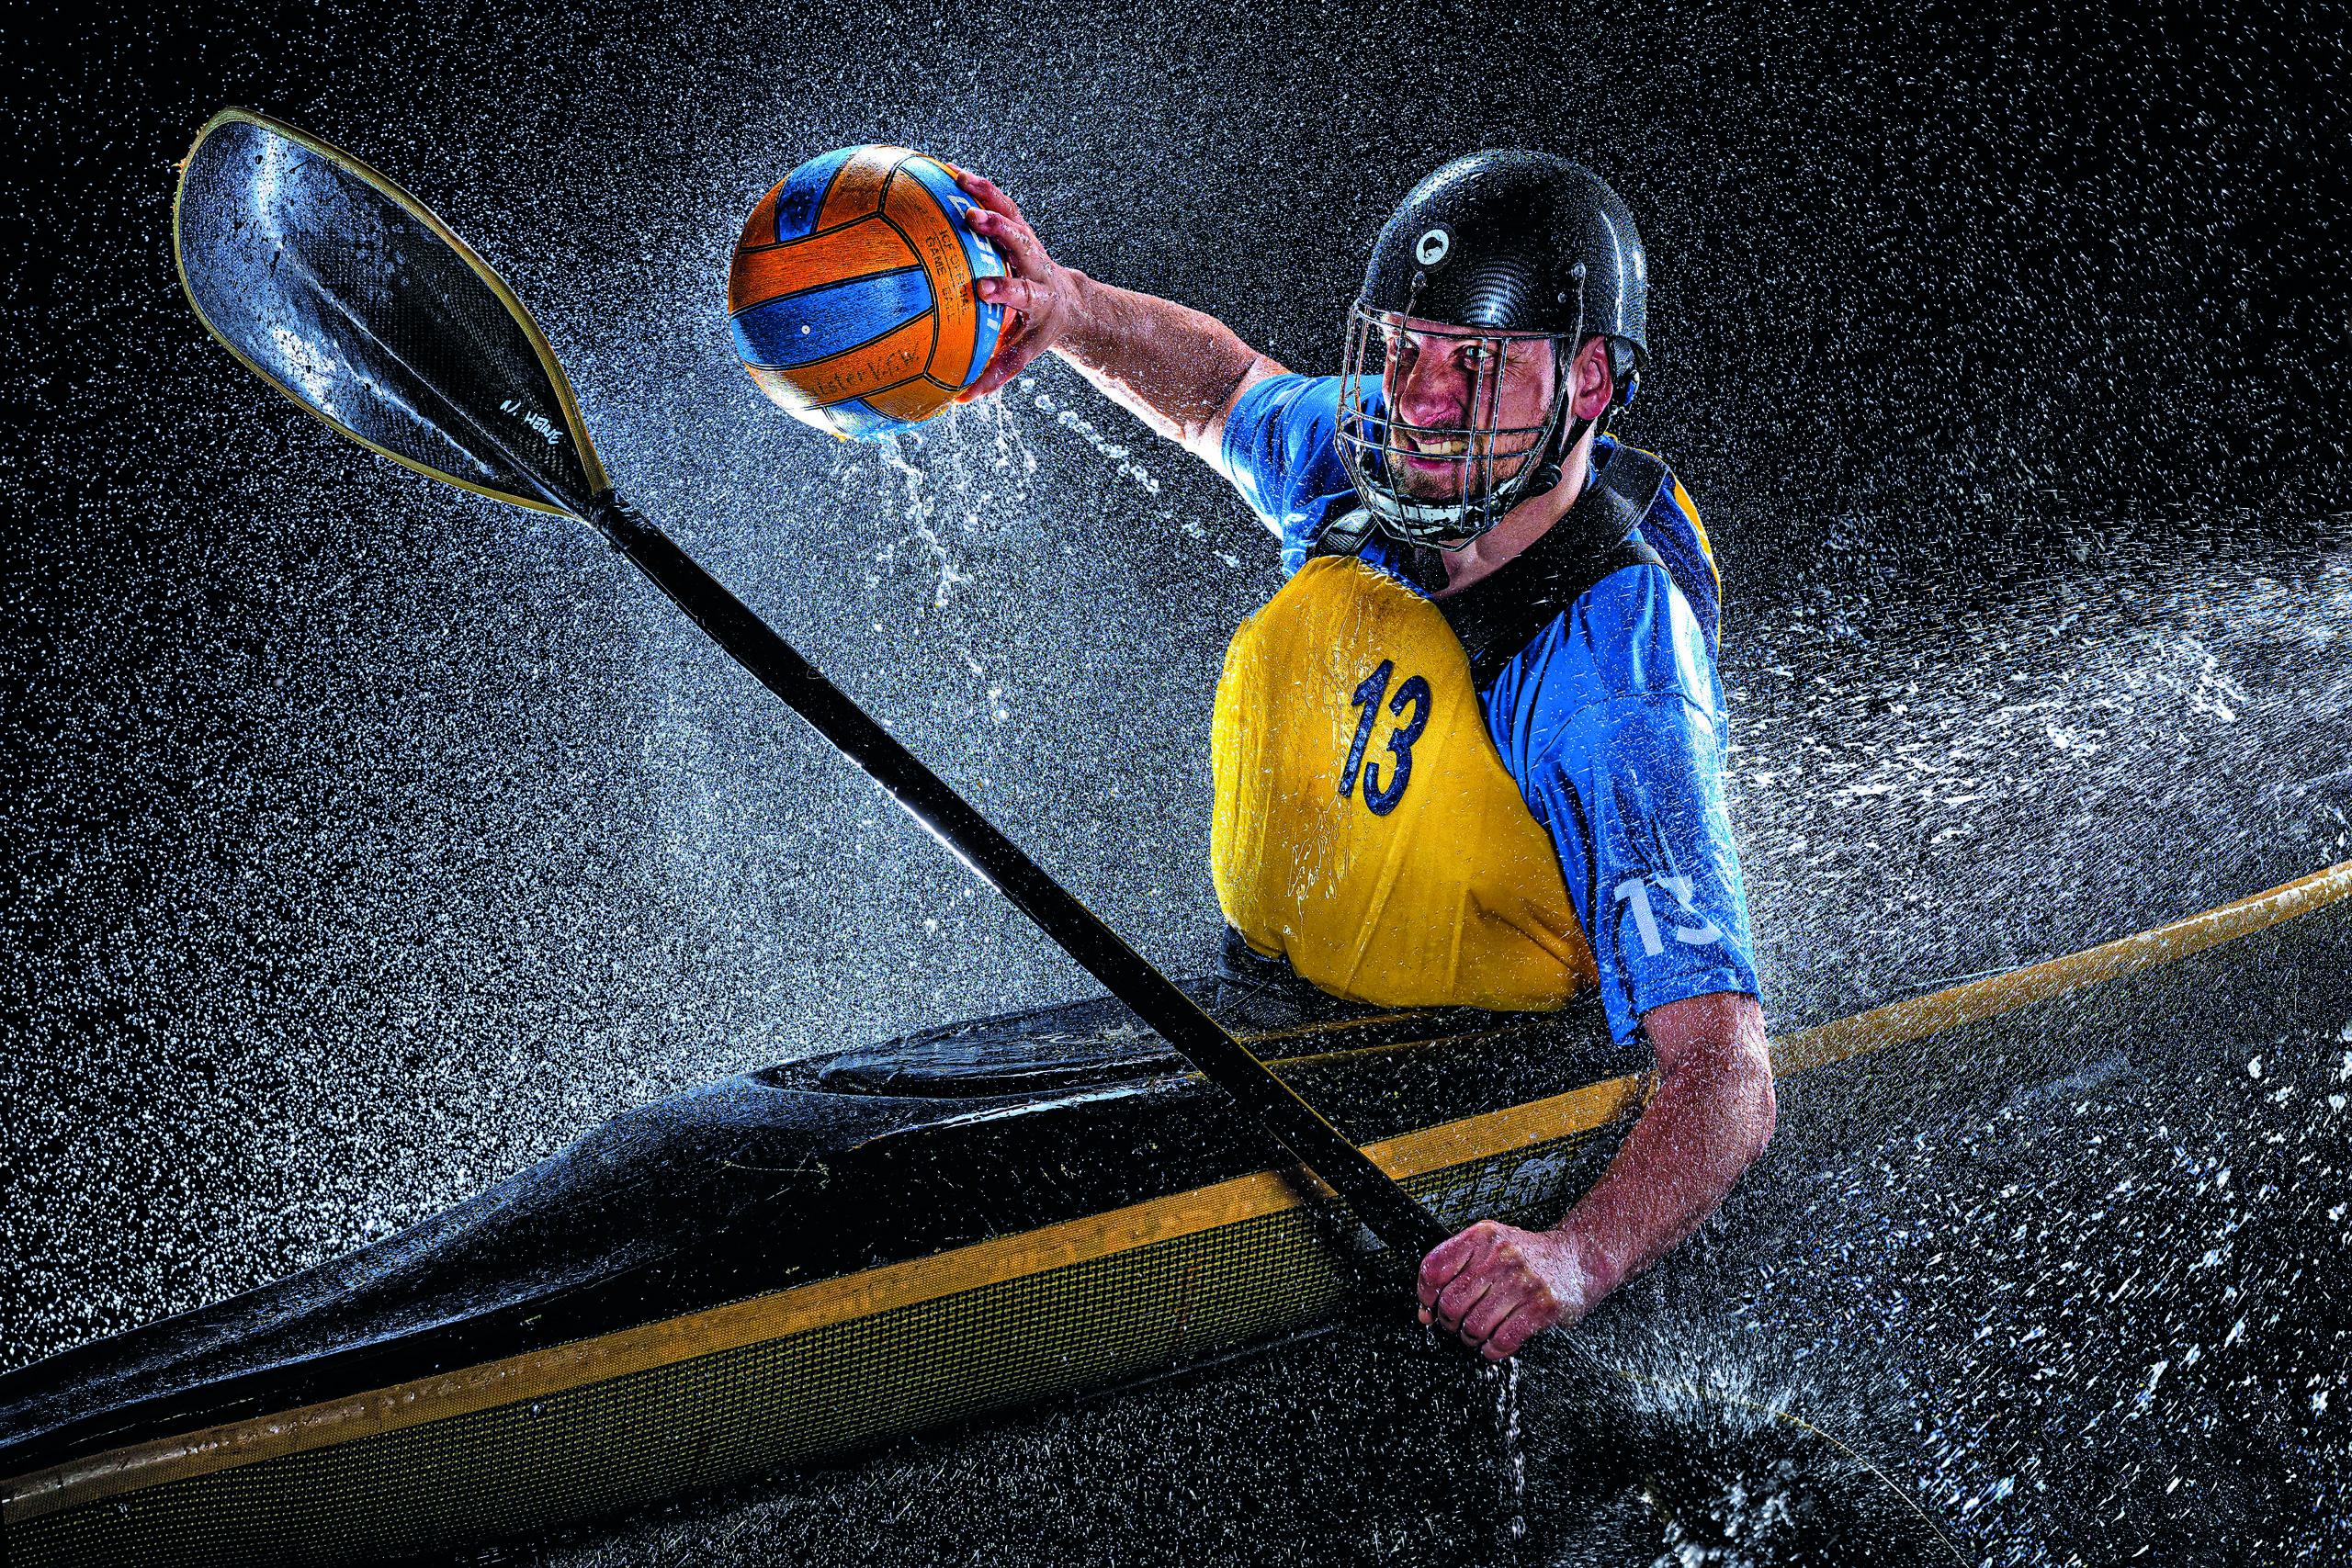 Fotoausstellung: Sport dynamisch in Szene gesetzt